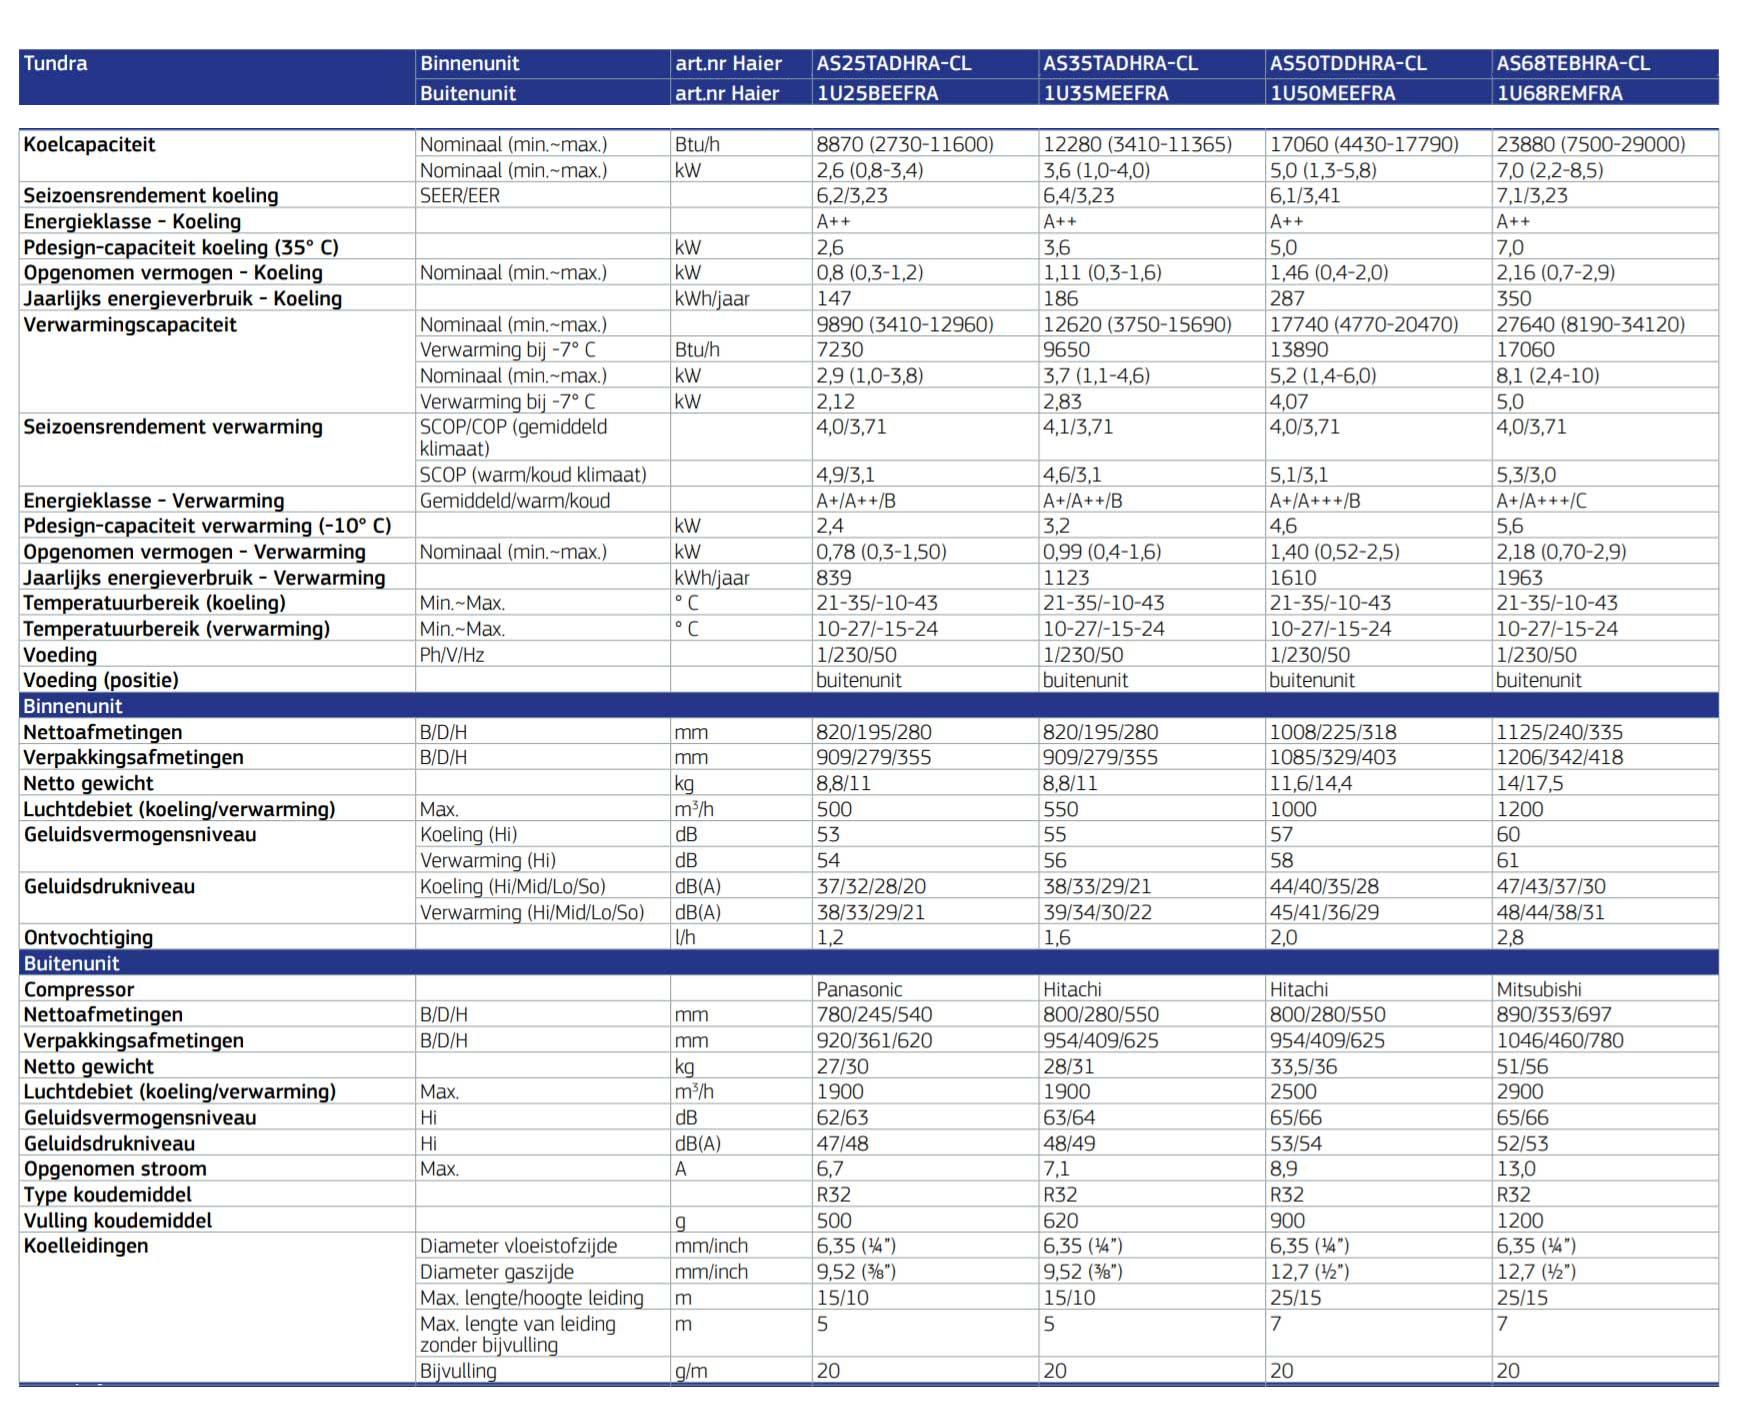 Haier Tundra: specificaties